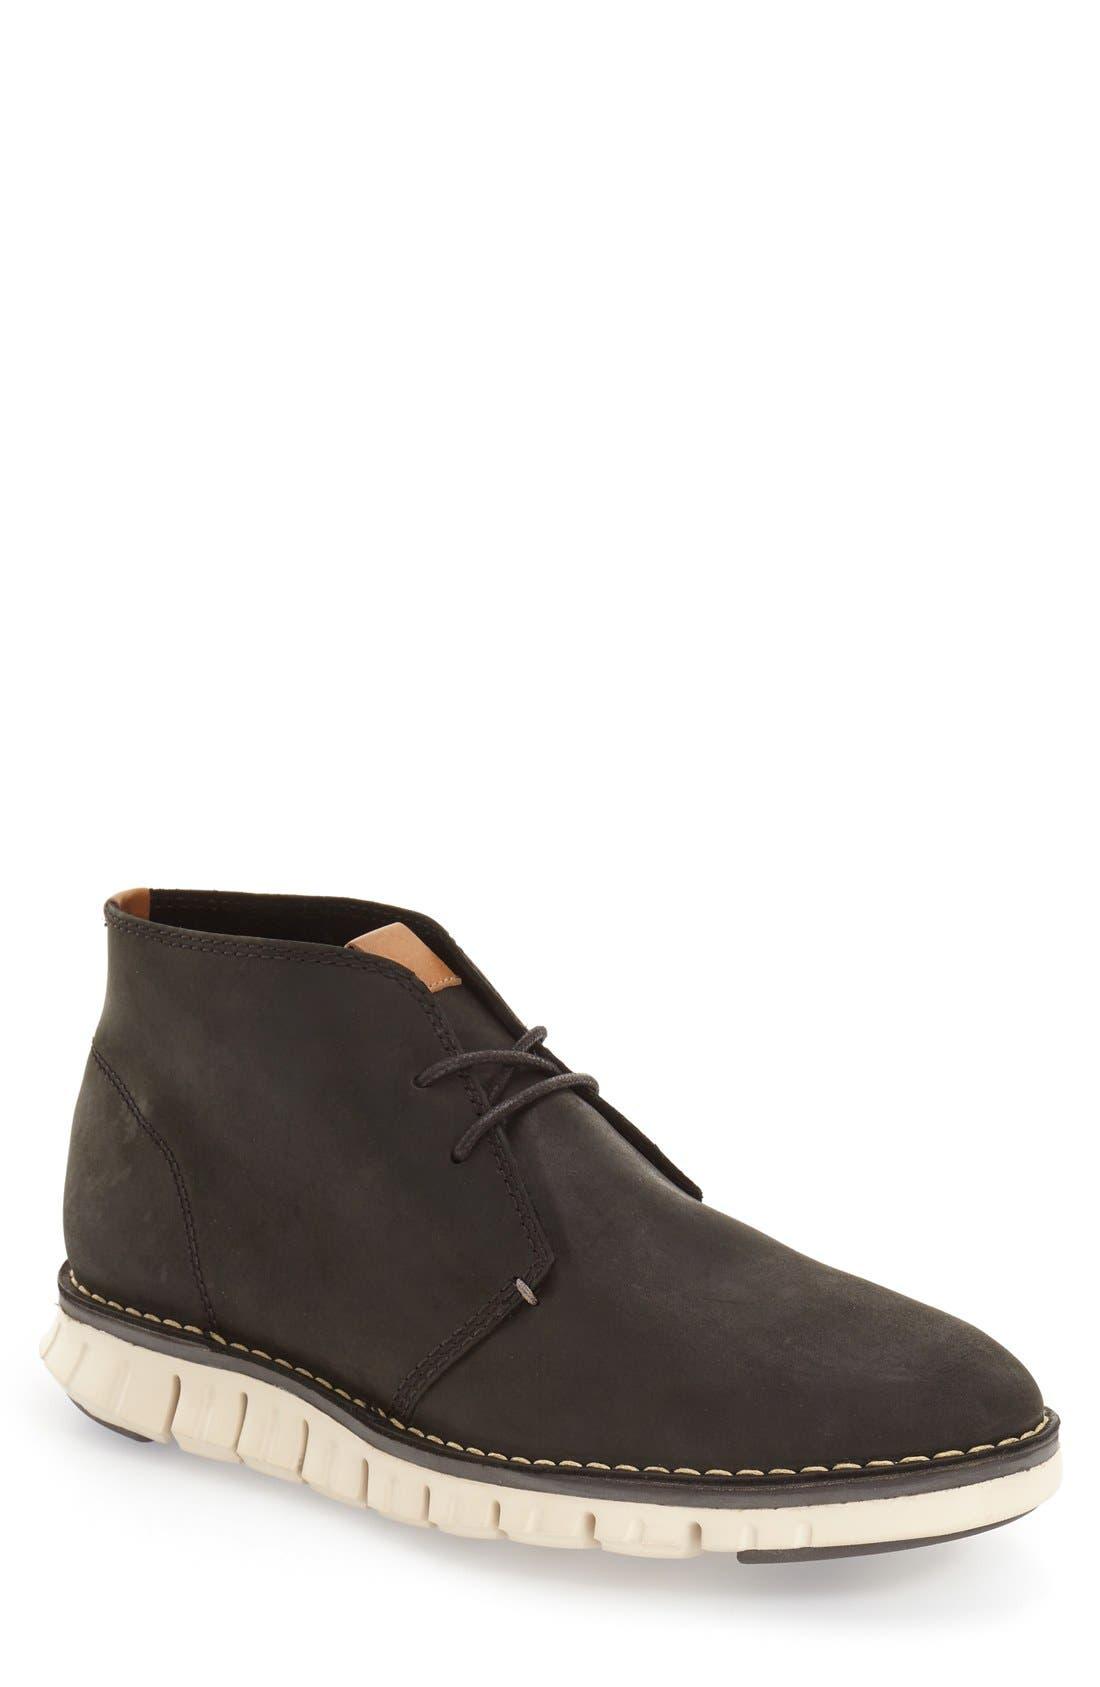 'ZeroGrand' Chukka Boot,                         Main,                         color,